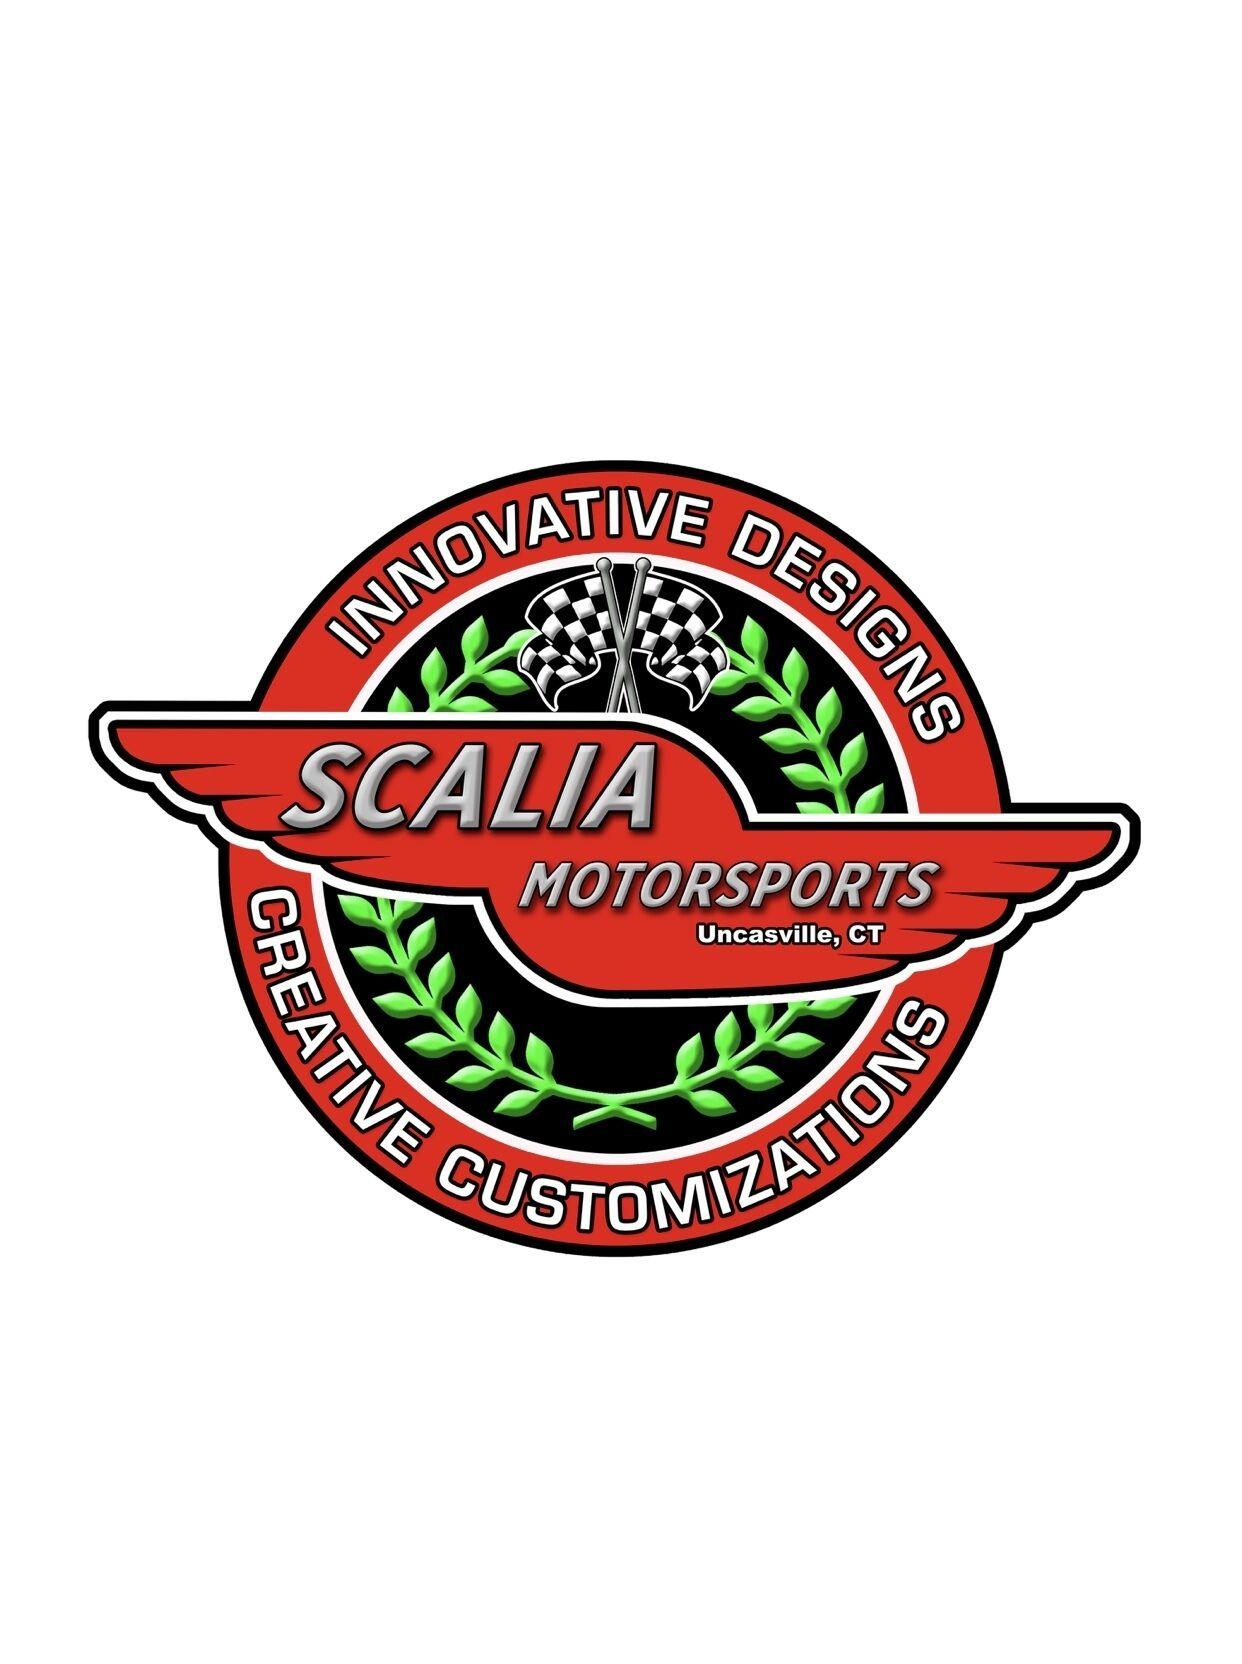 scalia-motorsports.com